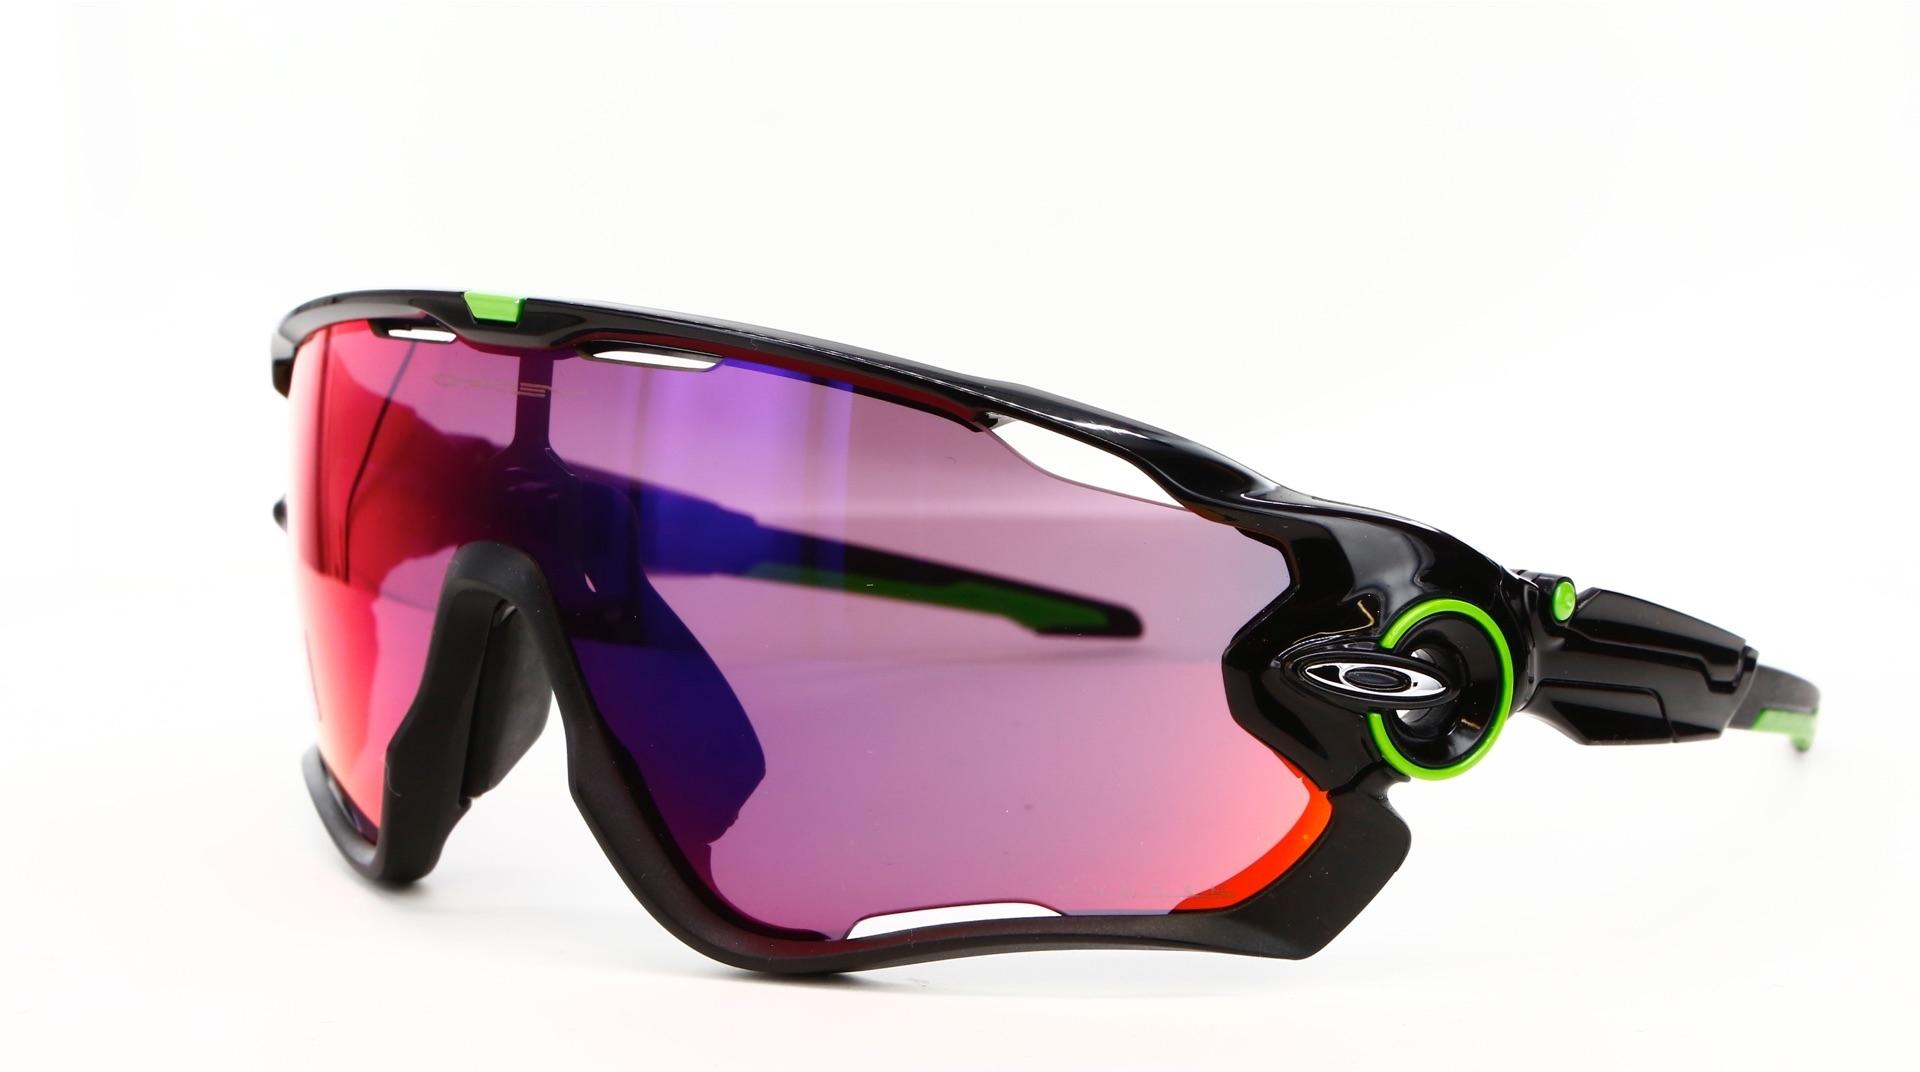 Oakley - ref: 74067